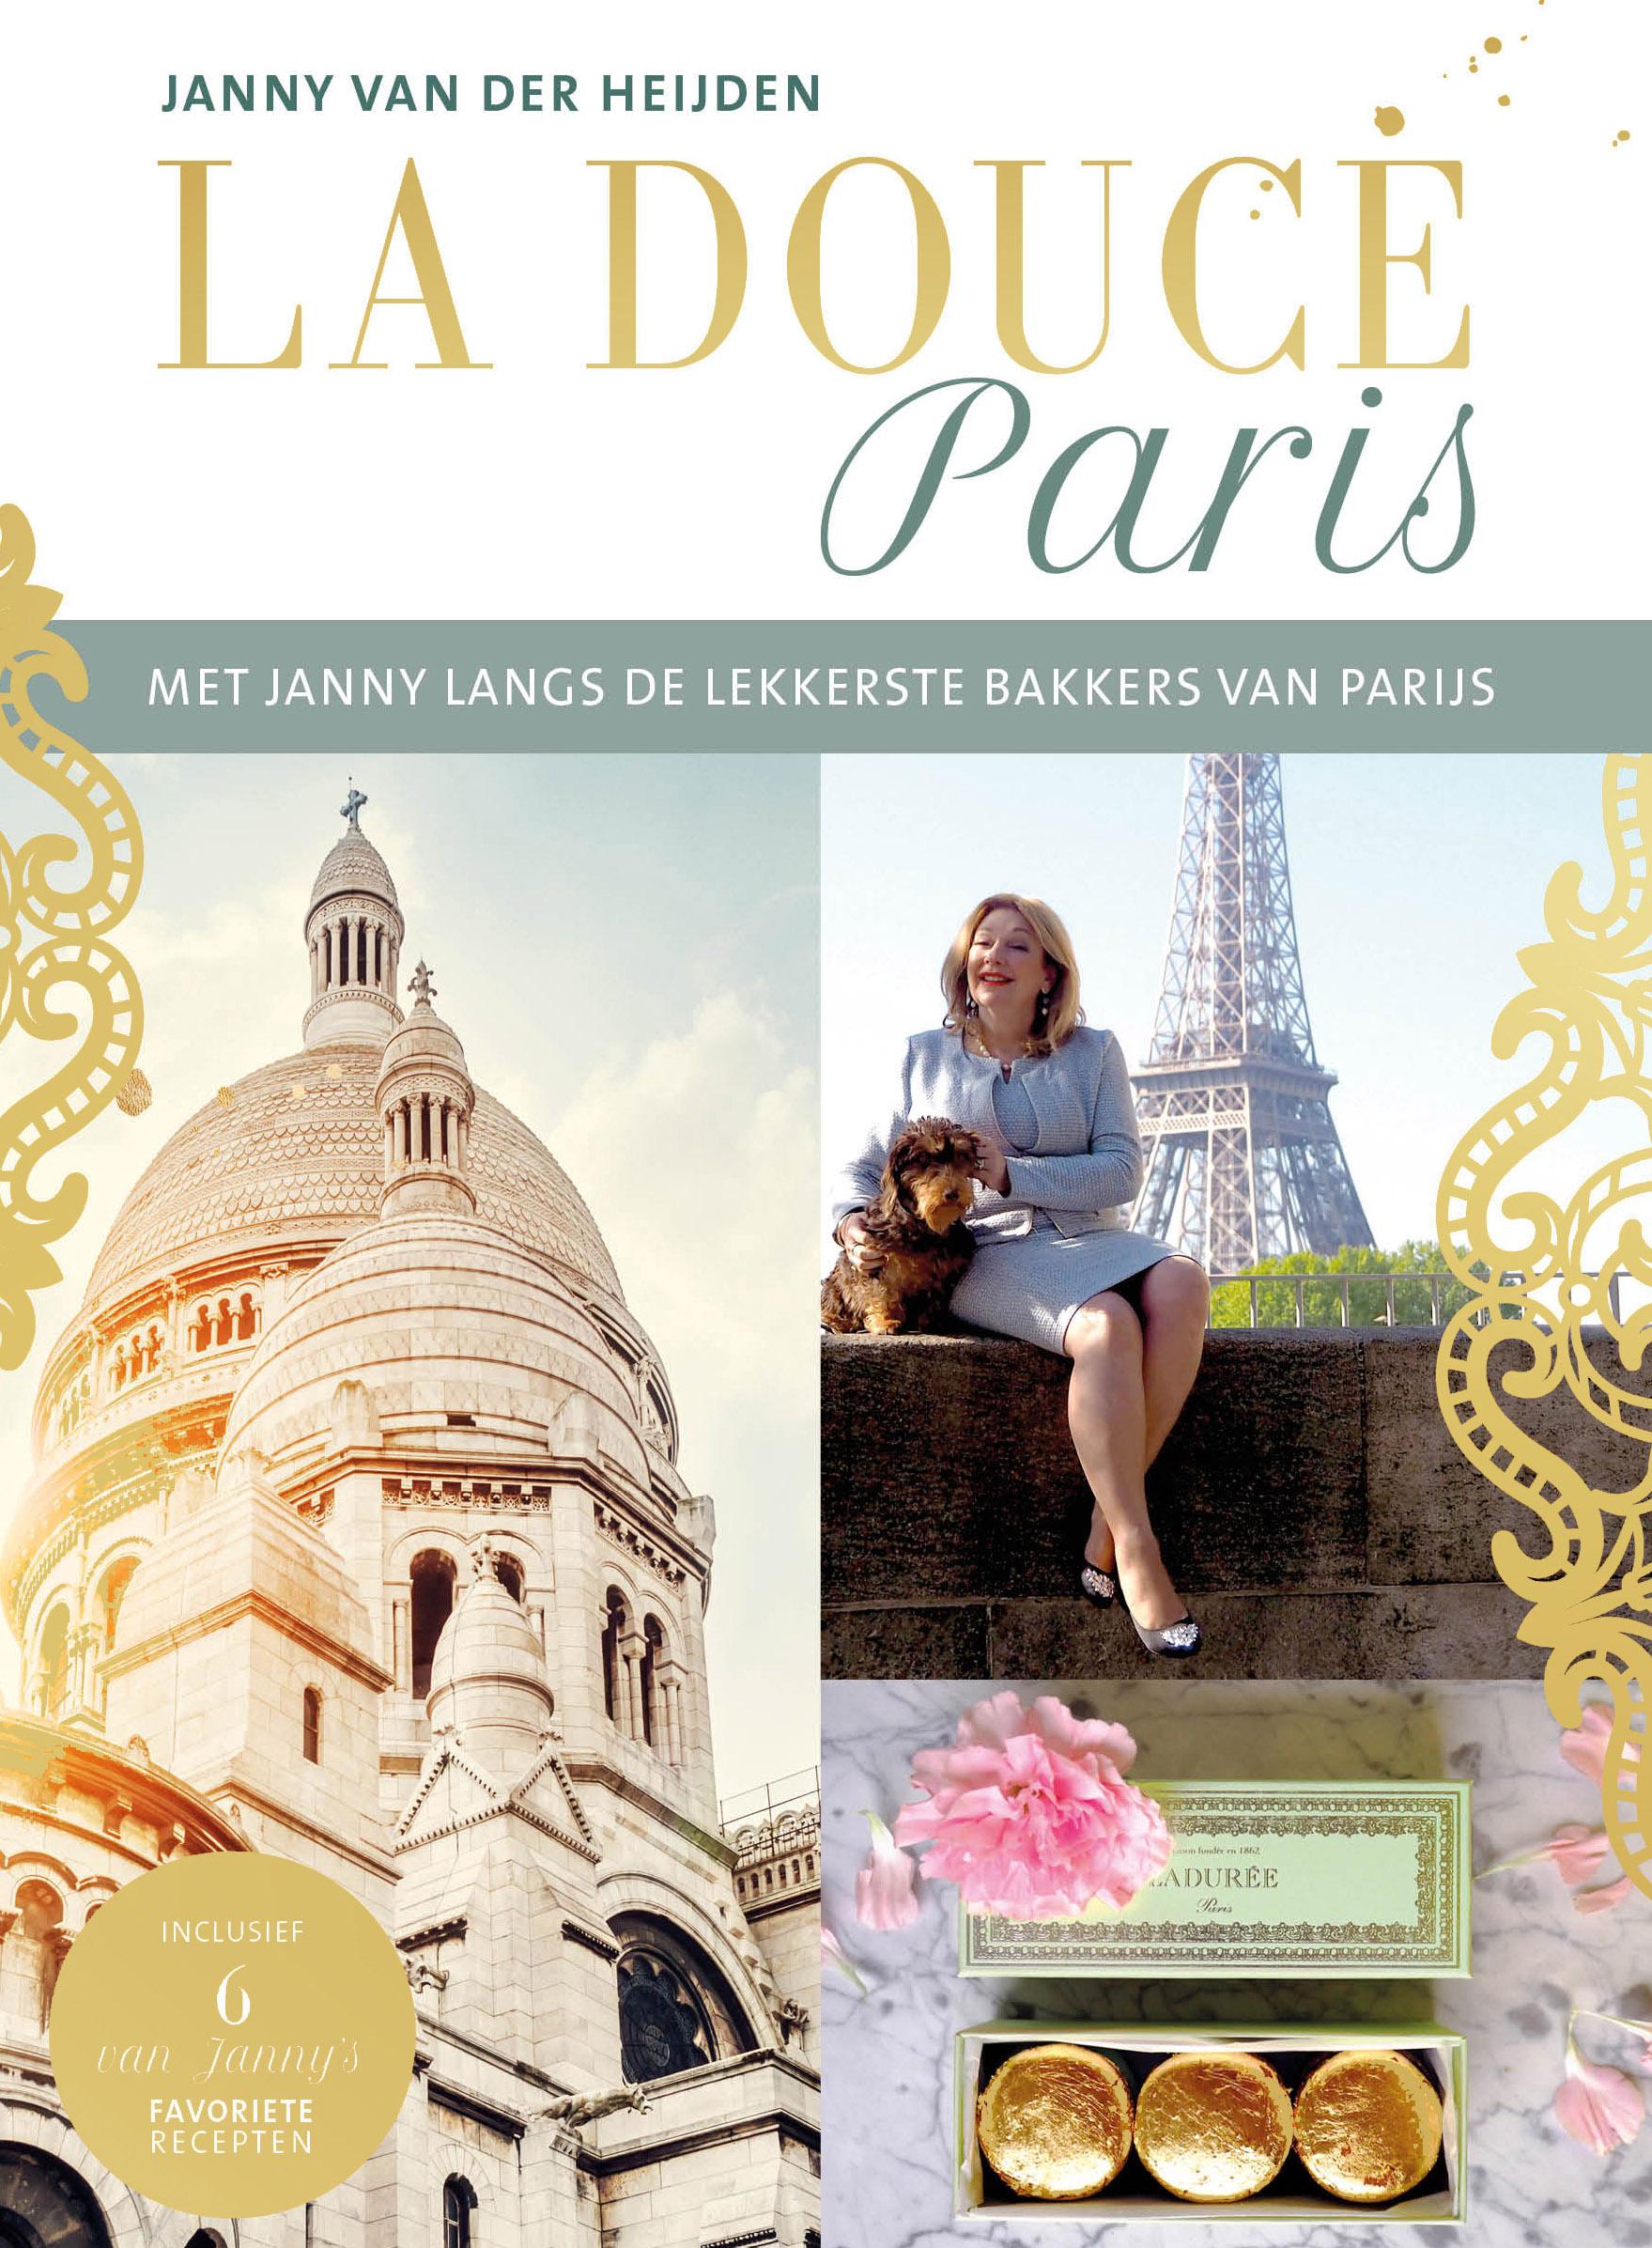 Janny boek Parijs